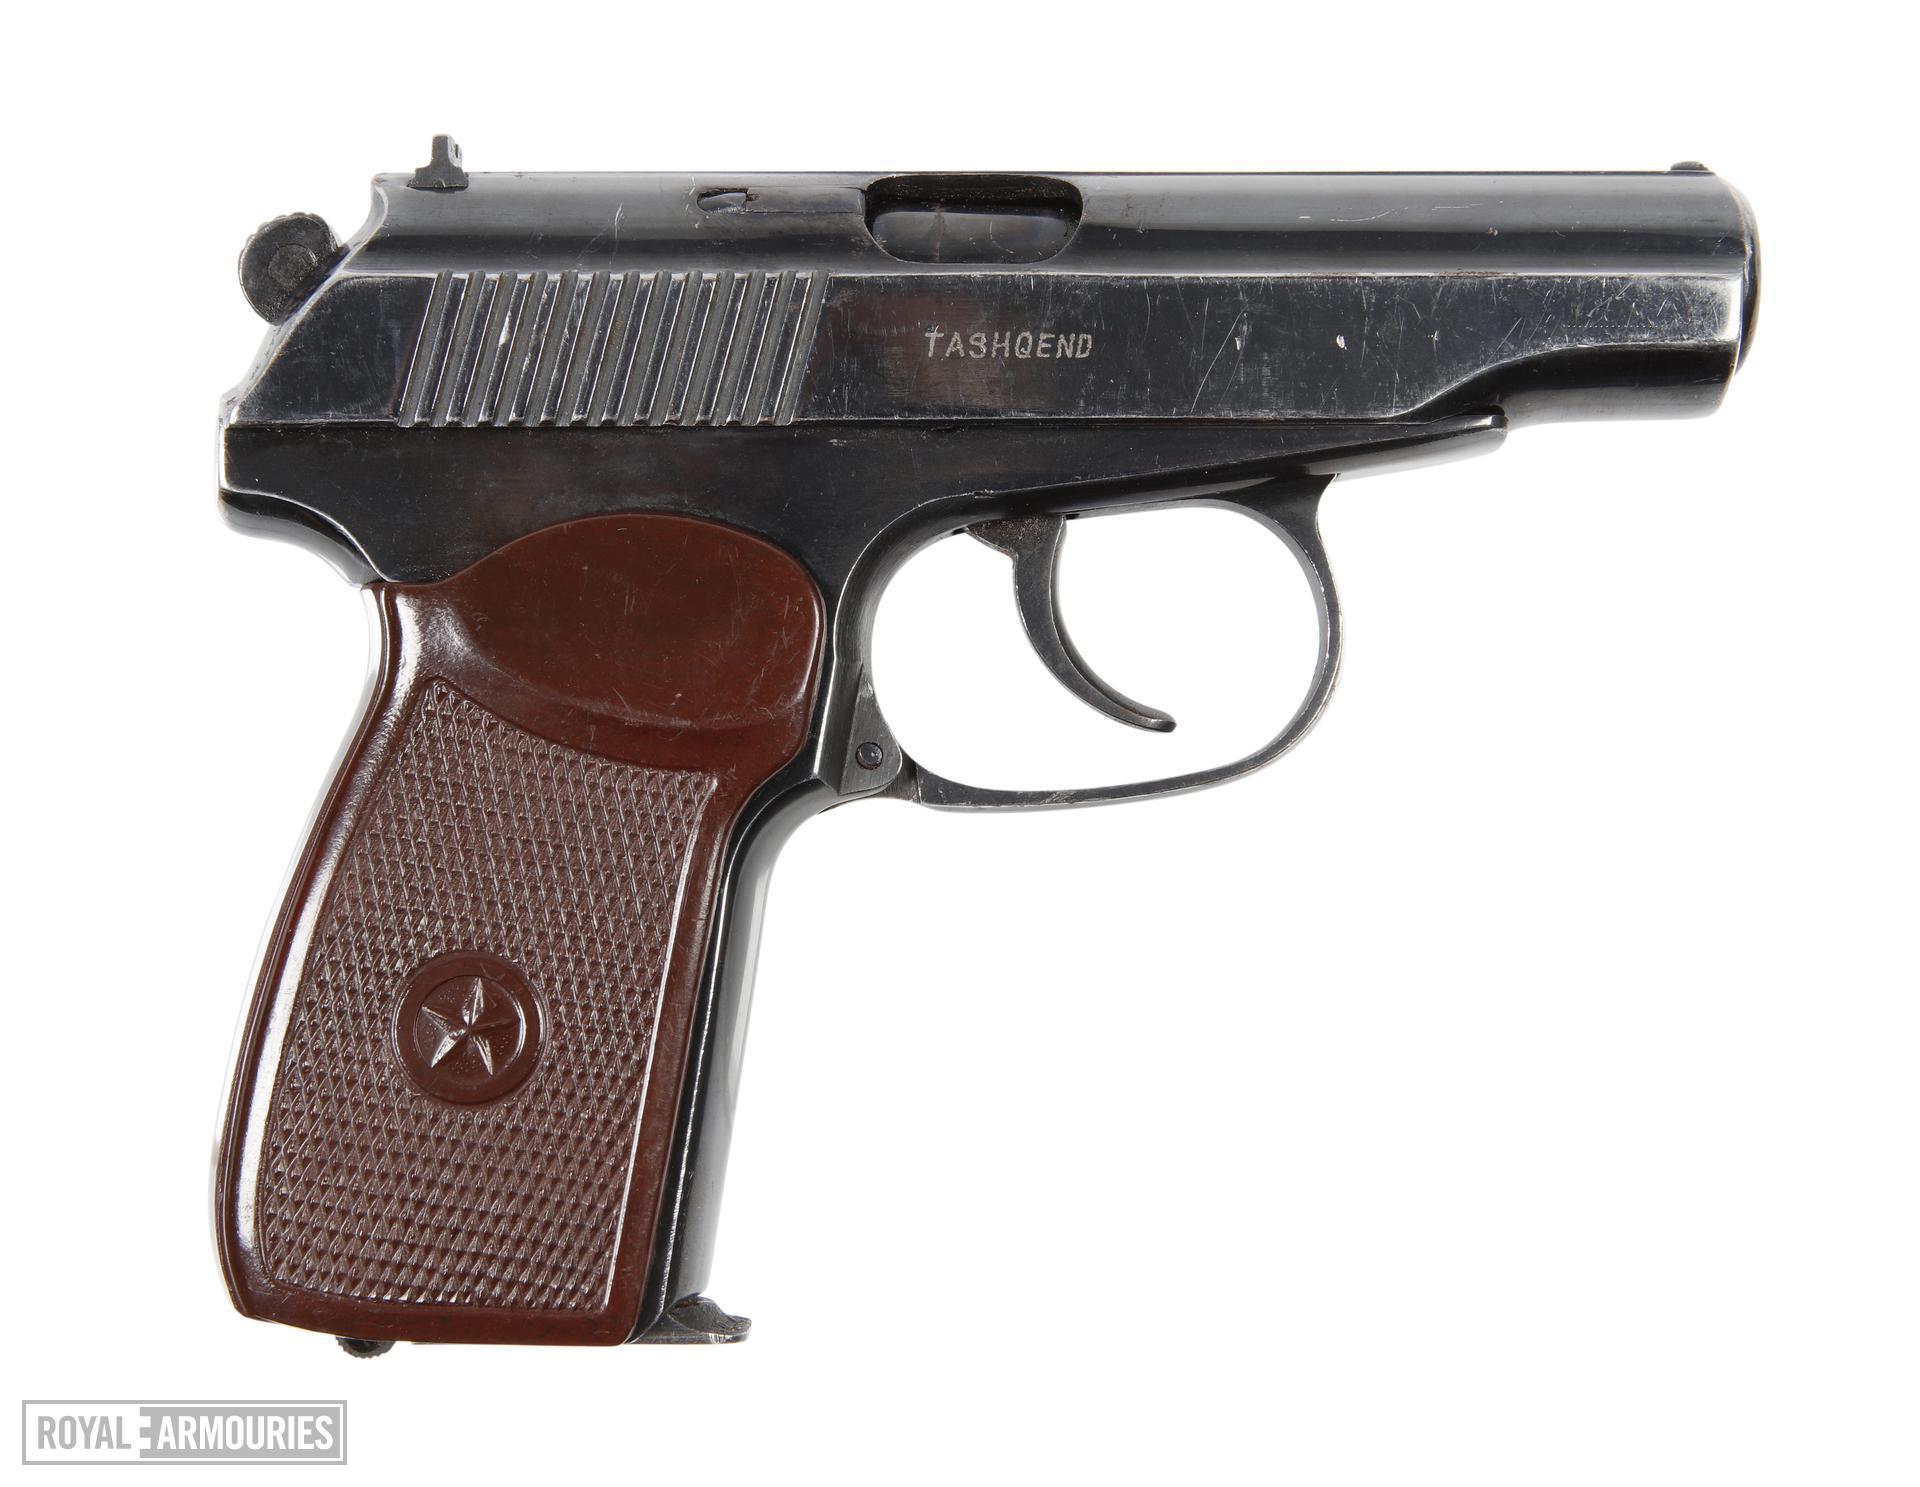 Centrefire self-loading pistol - Makarov PM Darra copy